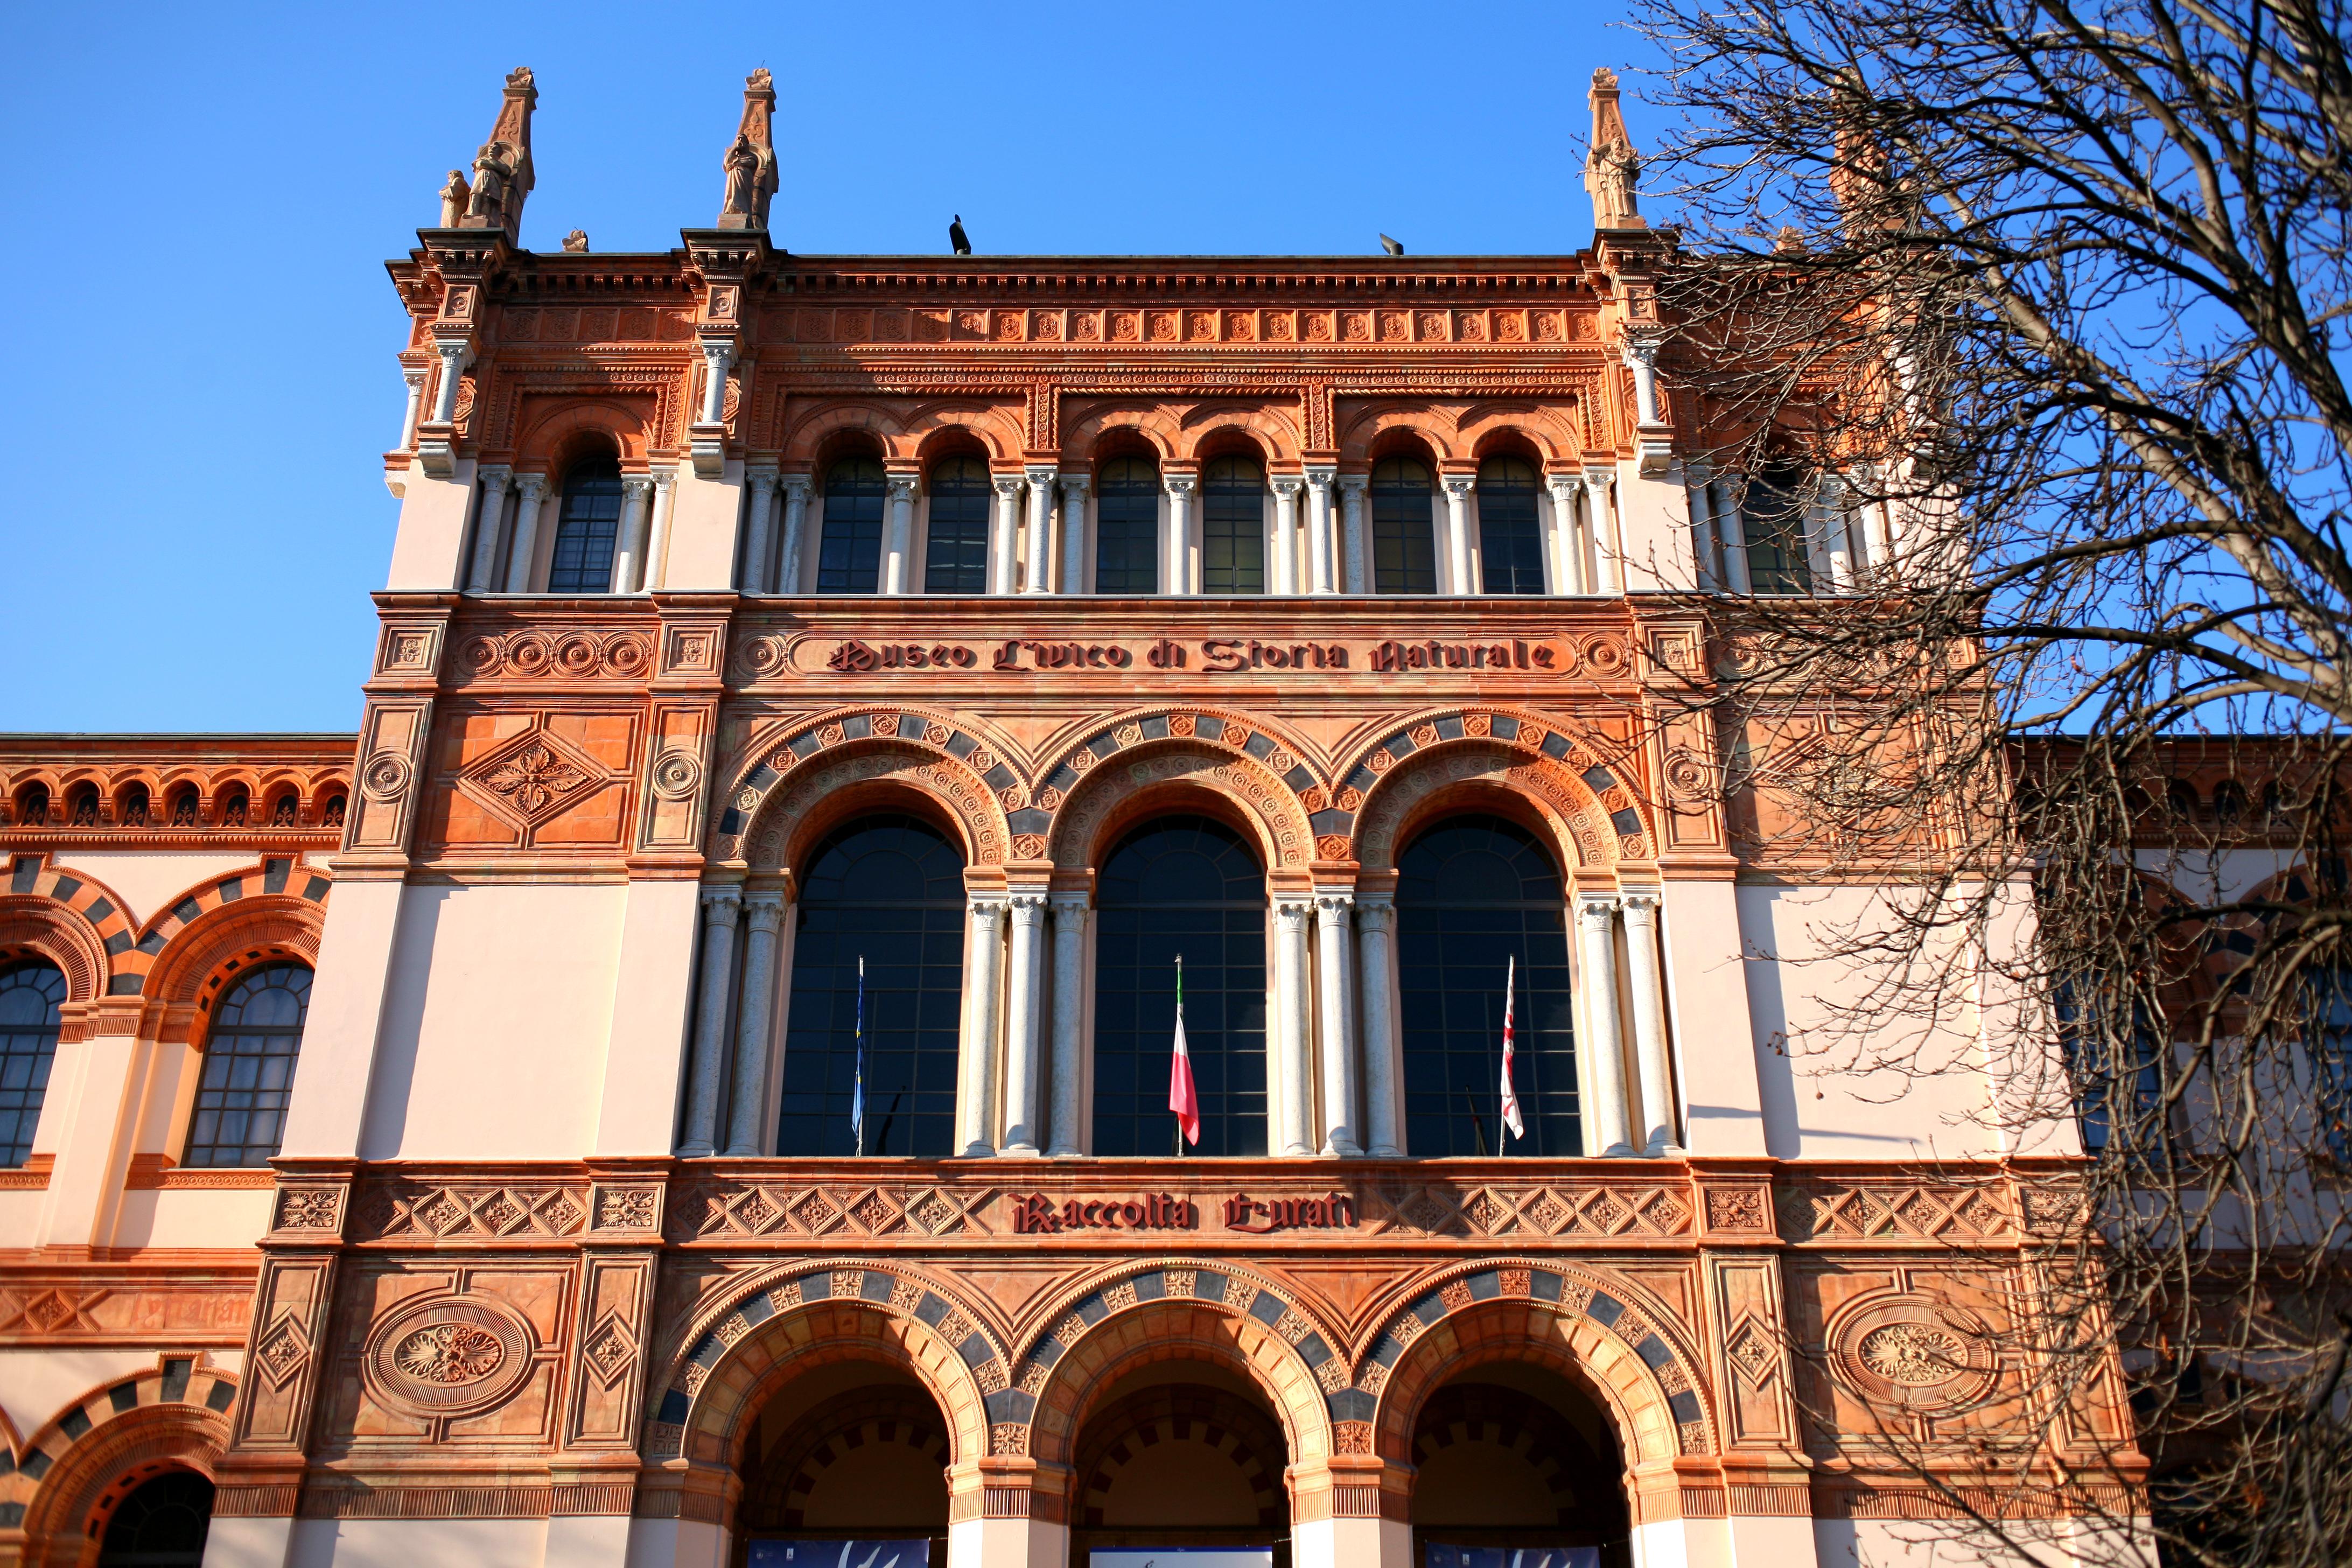 Veduta della facciata neoromanica del Museo civico di storia naturale di Milano 1888 1893